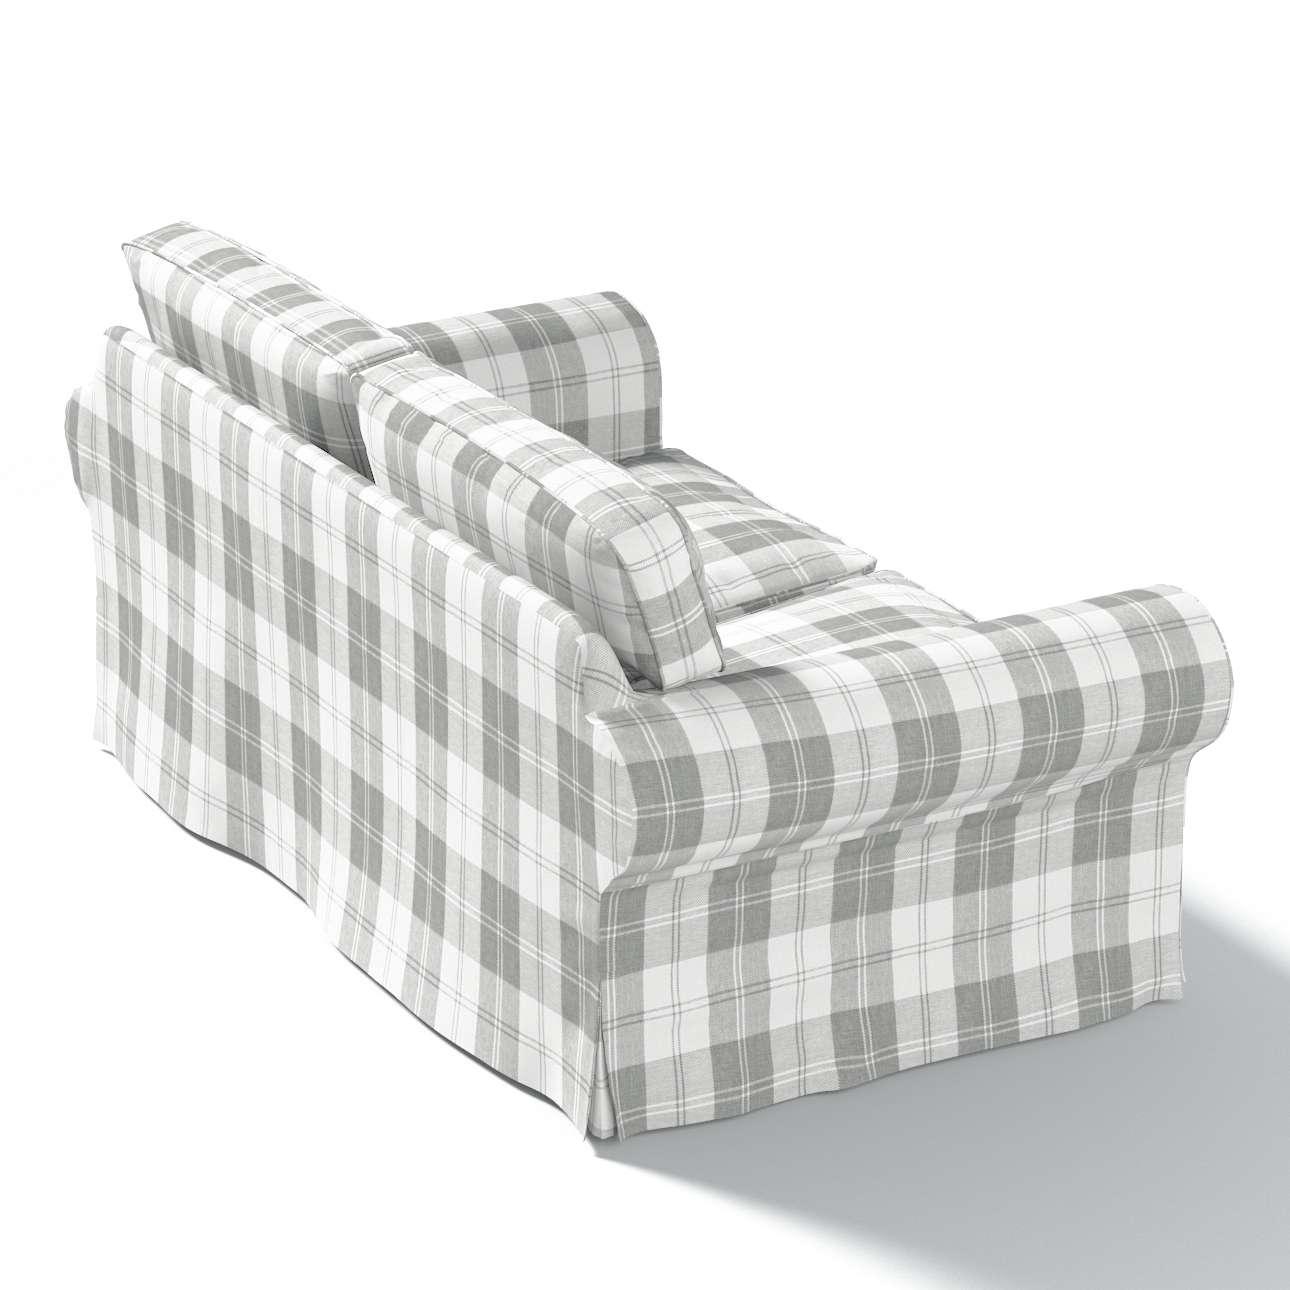 Ektorp 2 sæder Betræk uden sofa fra kollektionen Edinburgh, Stof: 115-79